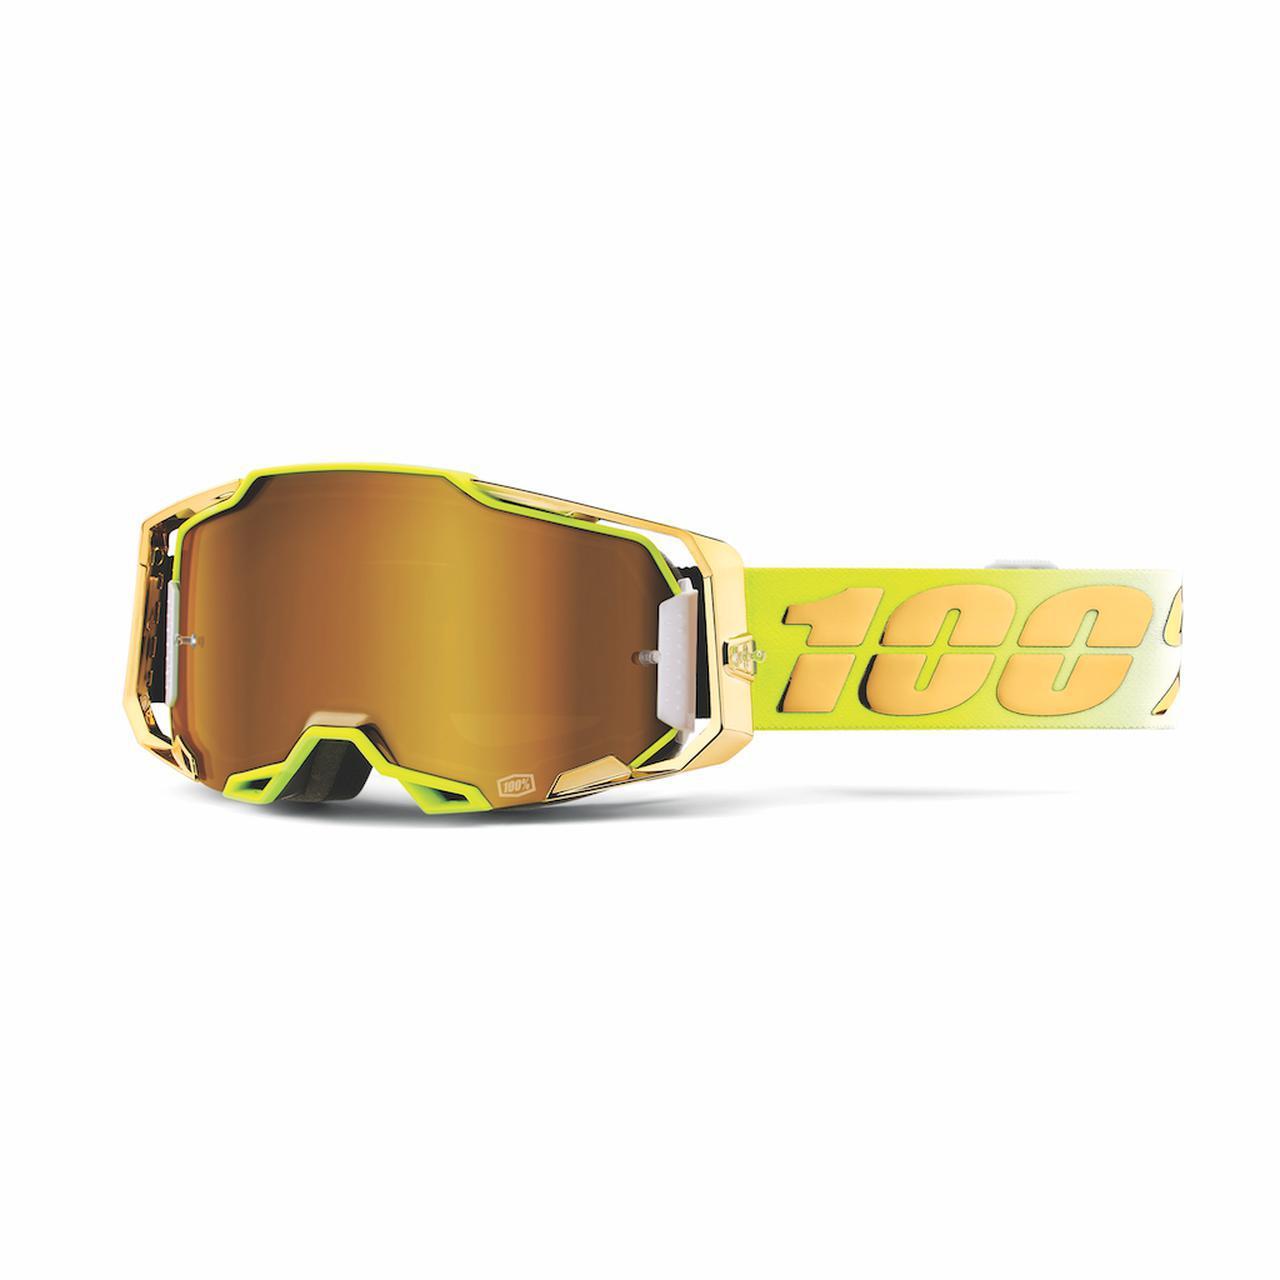 目元のインパクト強し、100%のハイエンドモデルにゴールドが眩しい21春カラー登場